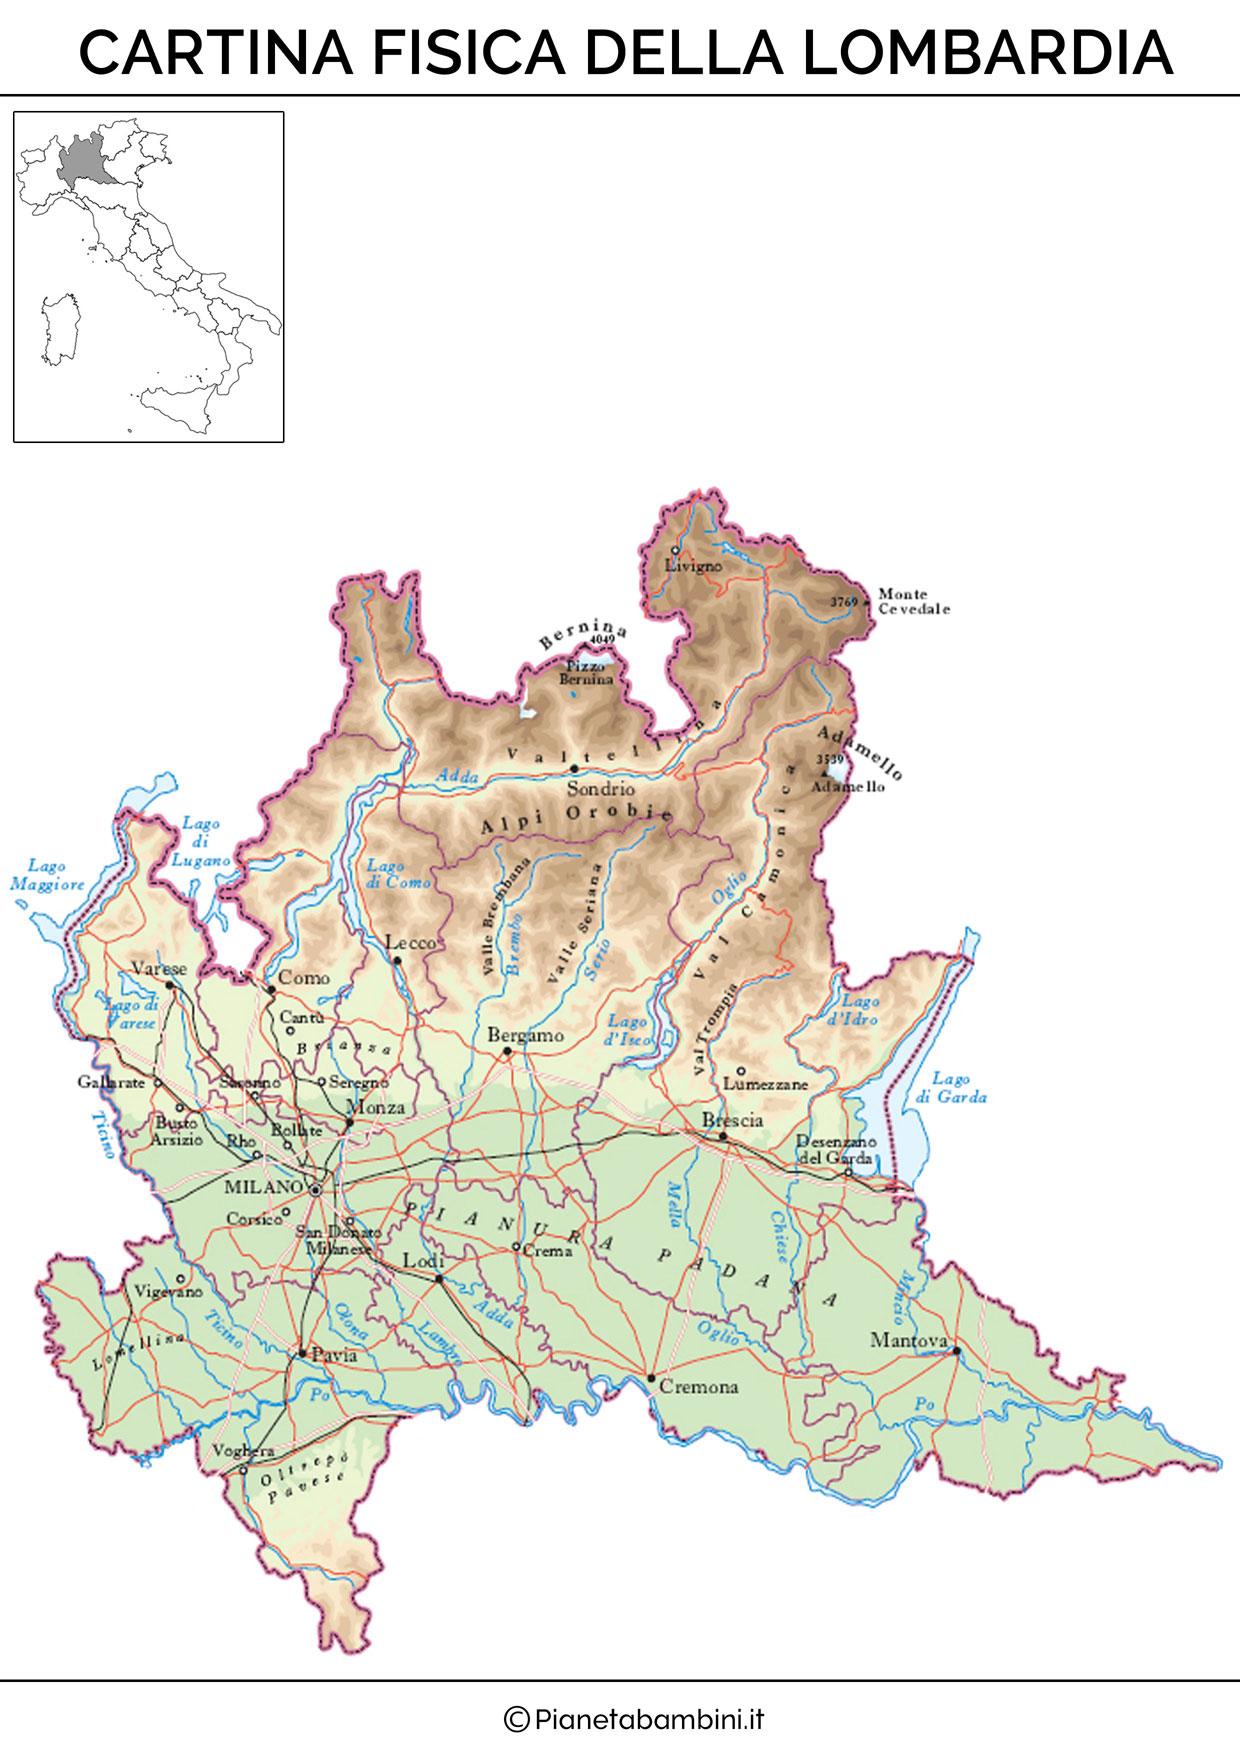 Cartina fisica della Lombardia da stampare gratis